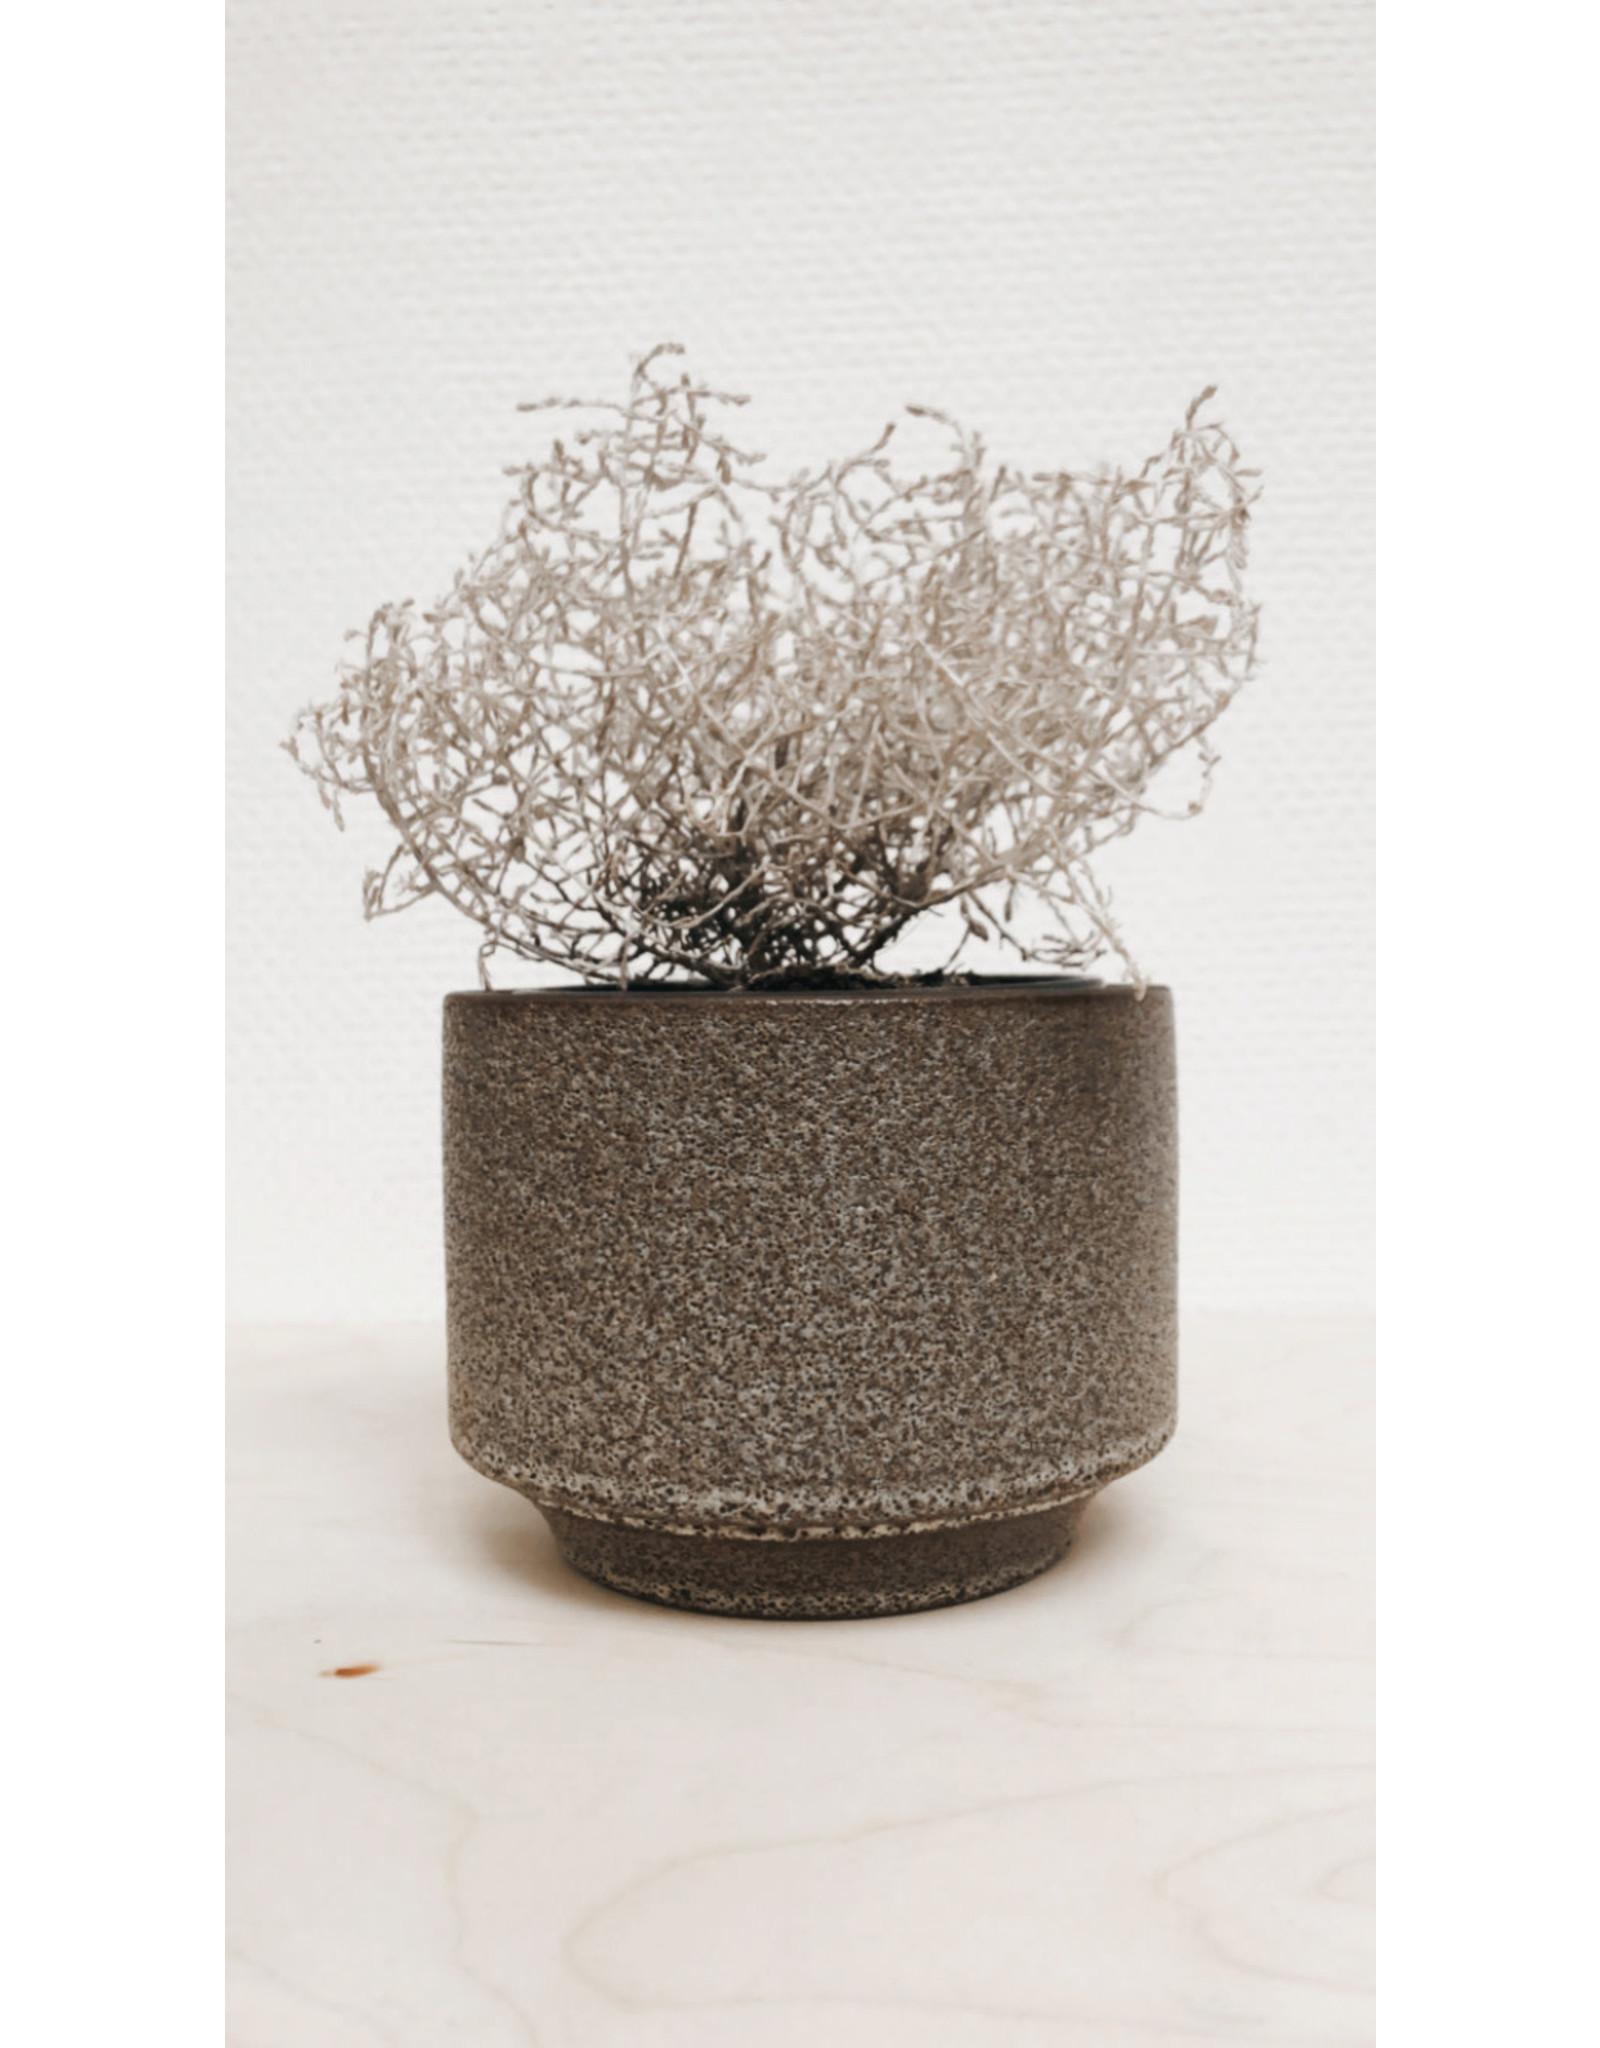 Bloomingville Bloempot - Steen - Groen Bruin - 12,5 x 10 x 9,5 cm